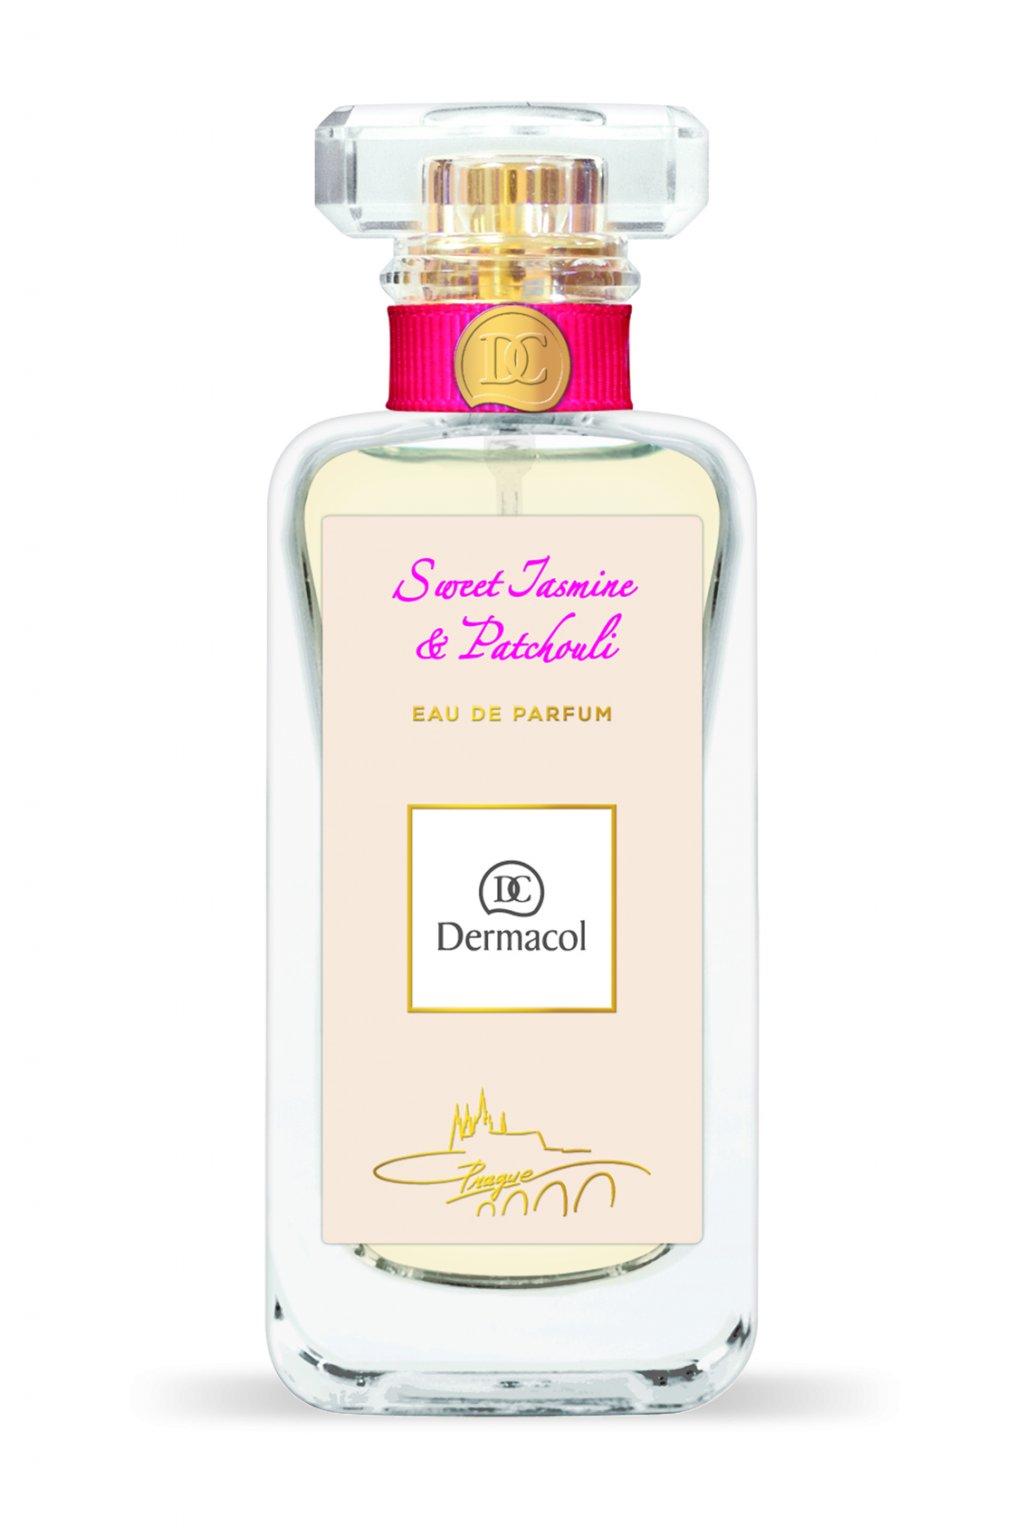 Dermacol Sweet Jasmine Patchouli parfemovana voda pro zeny